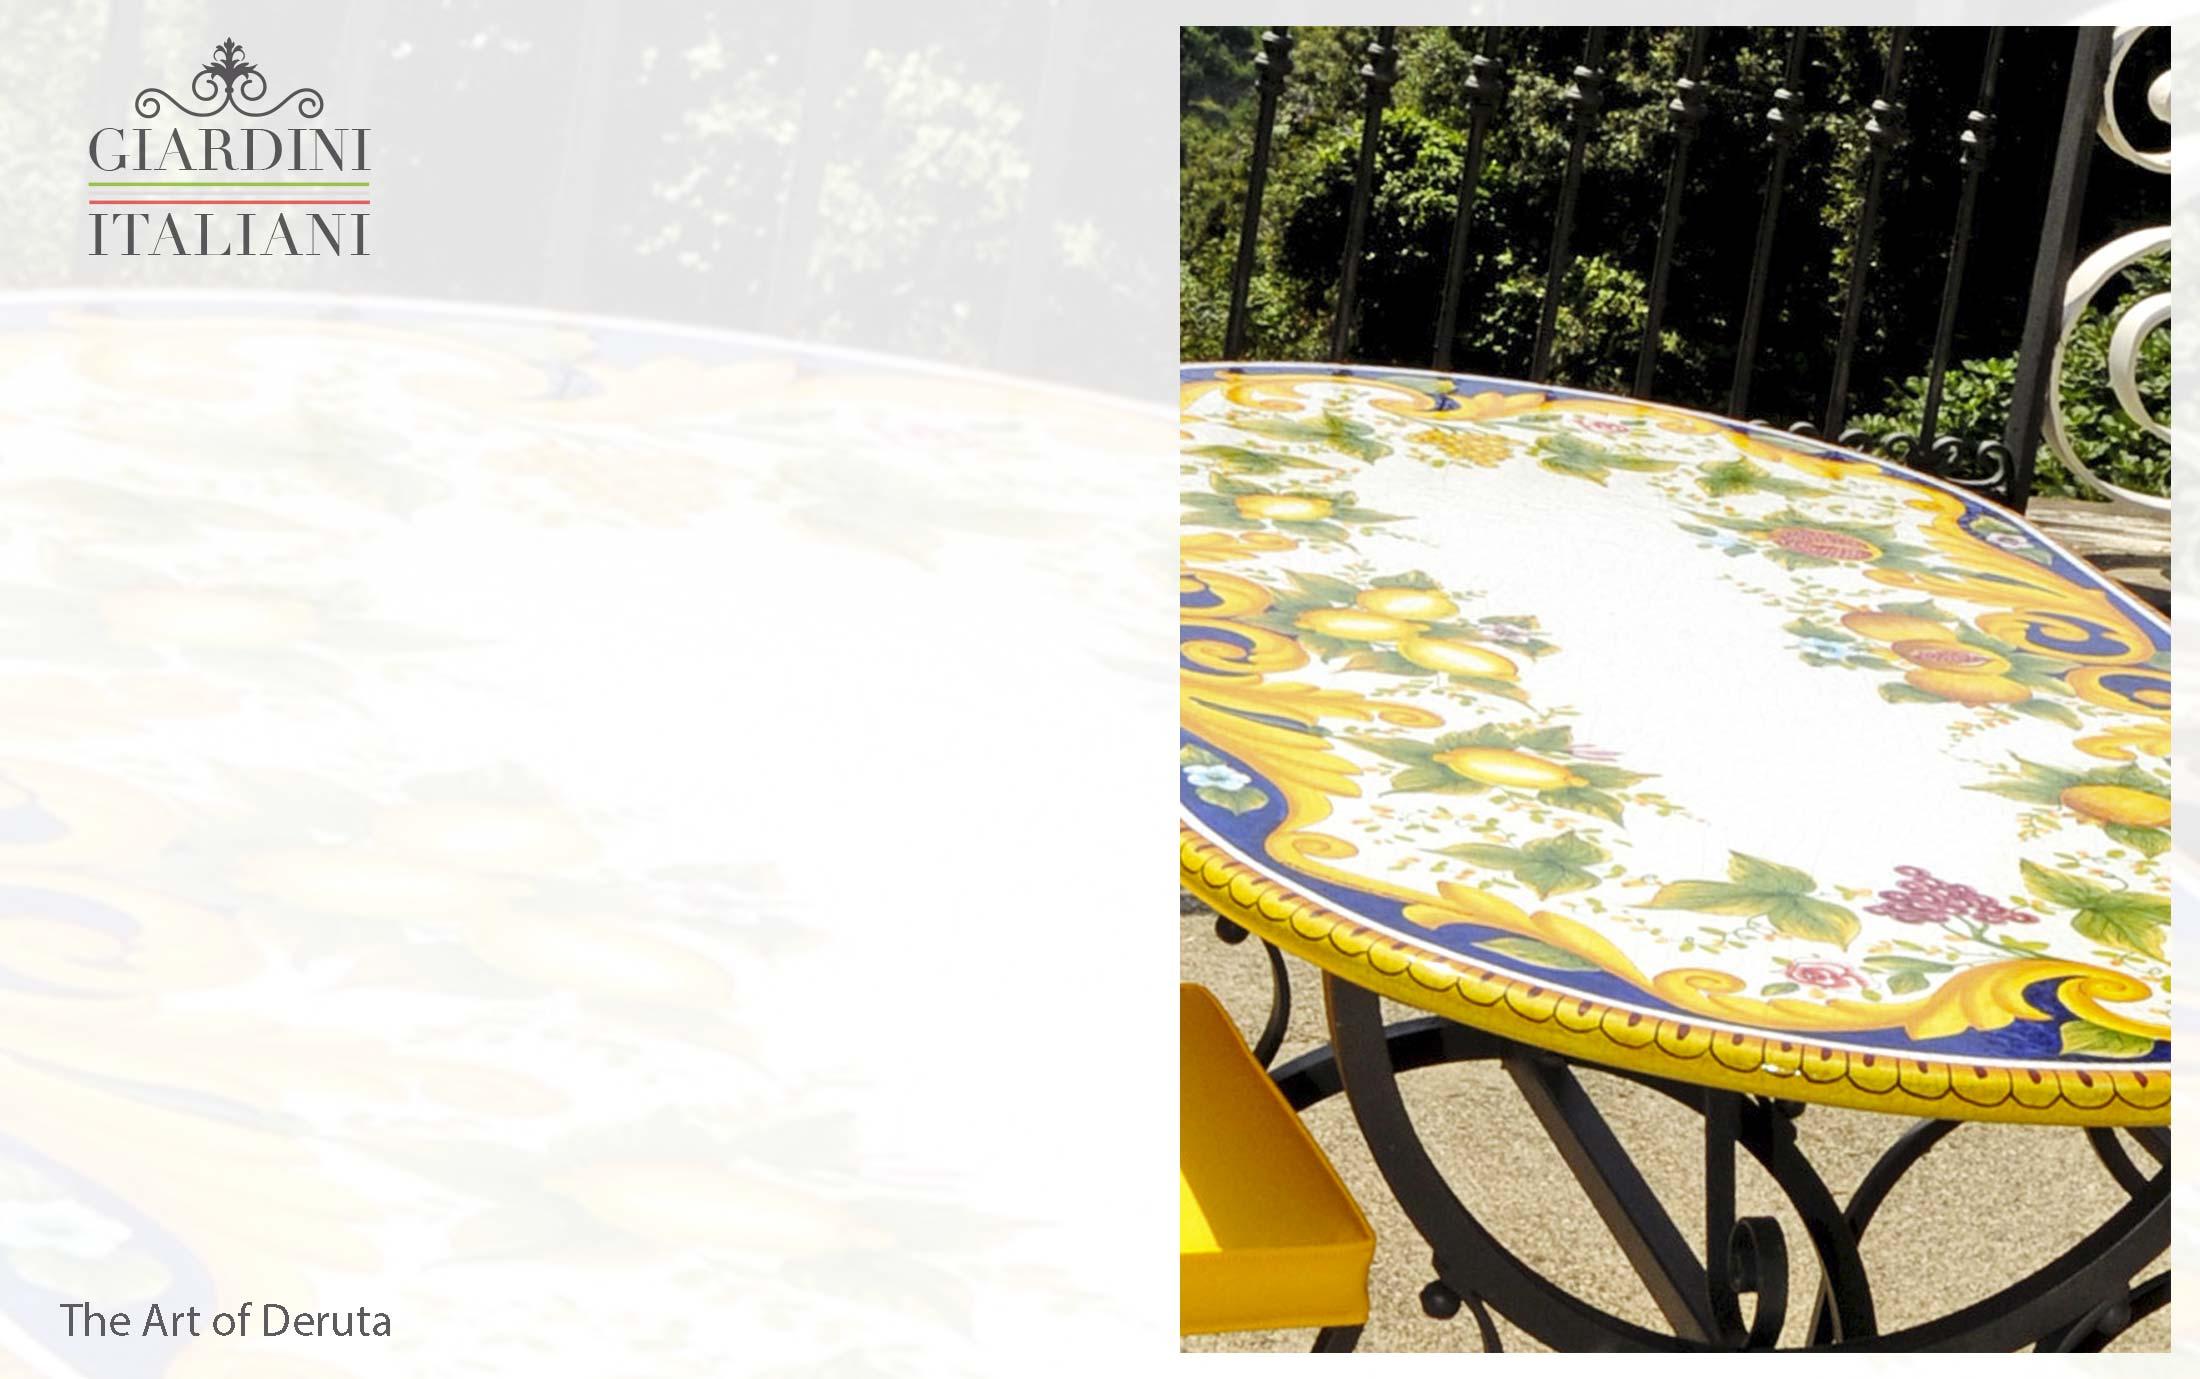 Tavoli Da Giardino In Ferro E Pietra.Vietri Giardini Italiani